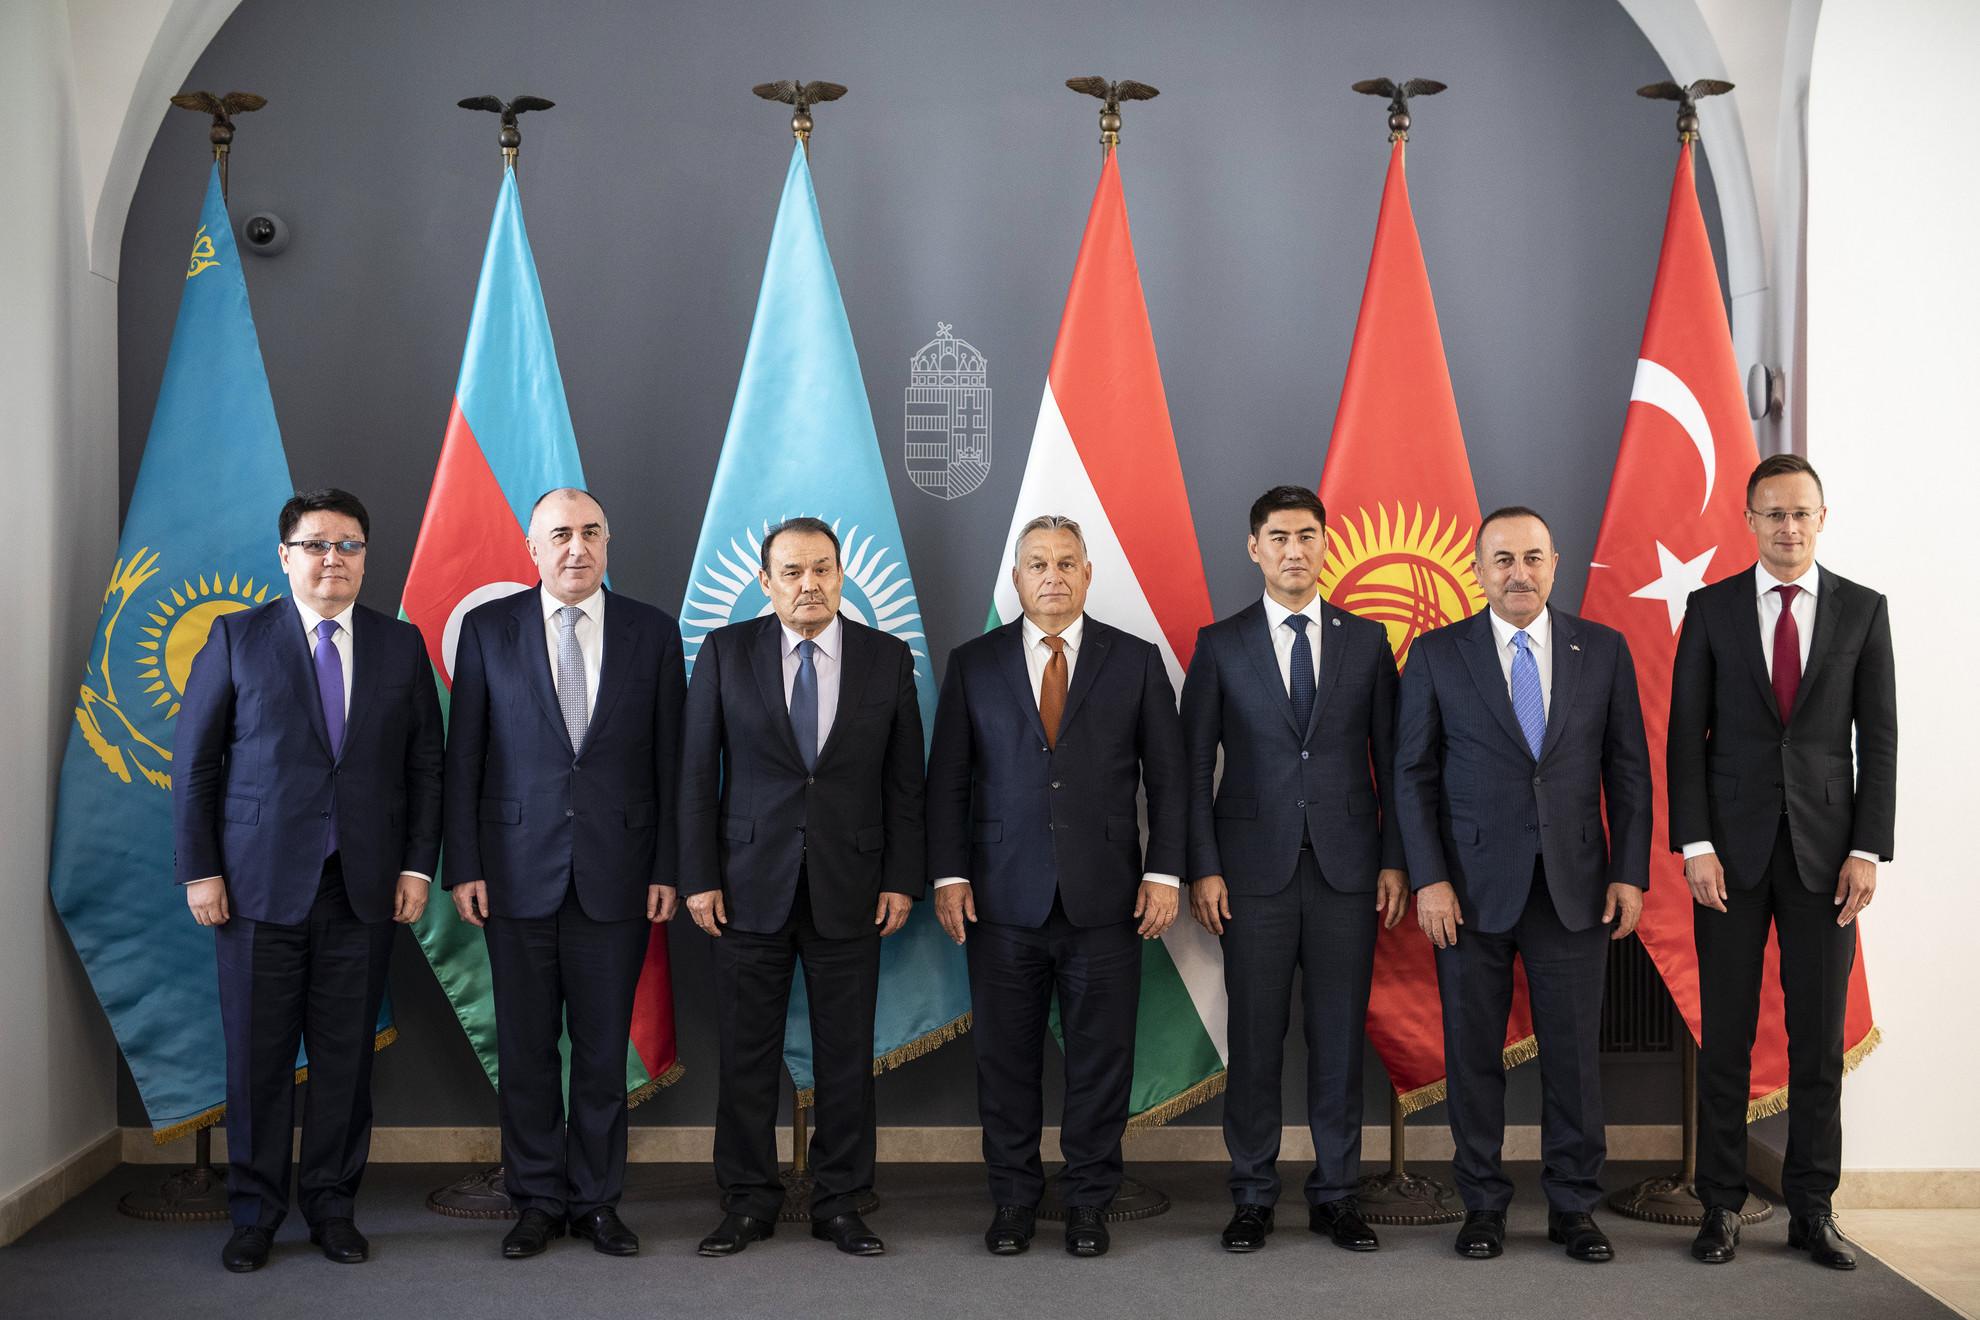 Orbán Viktor miniszterelnök (b4) fogadja a Türk Tanács külügyminiszteri találkozójának résztvevőit a Karmelita kolostorban 2019. szeptember 19-én. A kormányfő mellett balról jobbra: Rusztemov Nurbah, Kazahsztán magyarországi nagykövete, Elmar Mammadyarov azerbajdzsáni külügyminiszter, Bagdad Amrejev, a Türk Tanács főtitkára, Csingiz Ajdarbekov kirgiz külügyminiszter, Mevlüt Cavusoglu török külügyminiszter és Szijjártó Péter külgazdasági és külügyminiszter